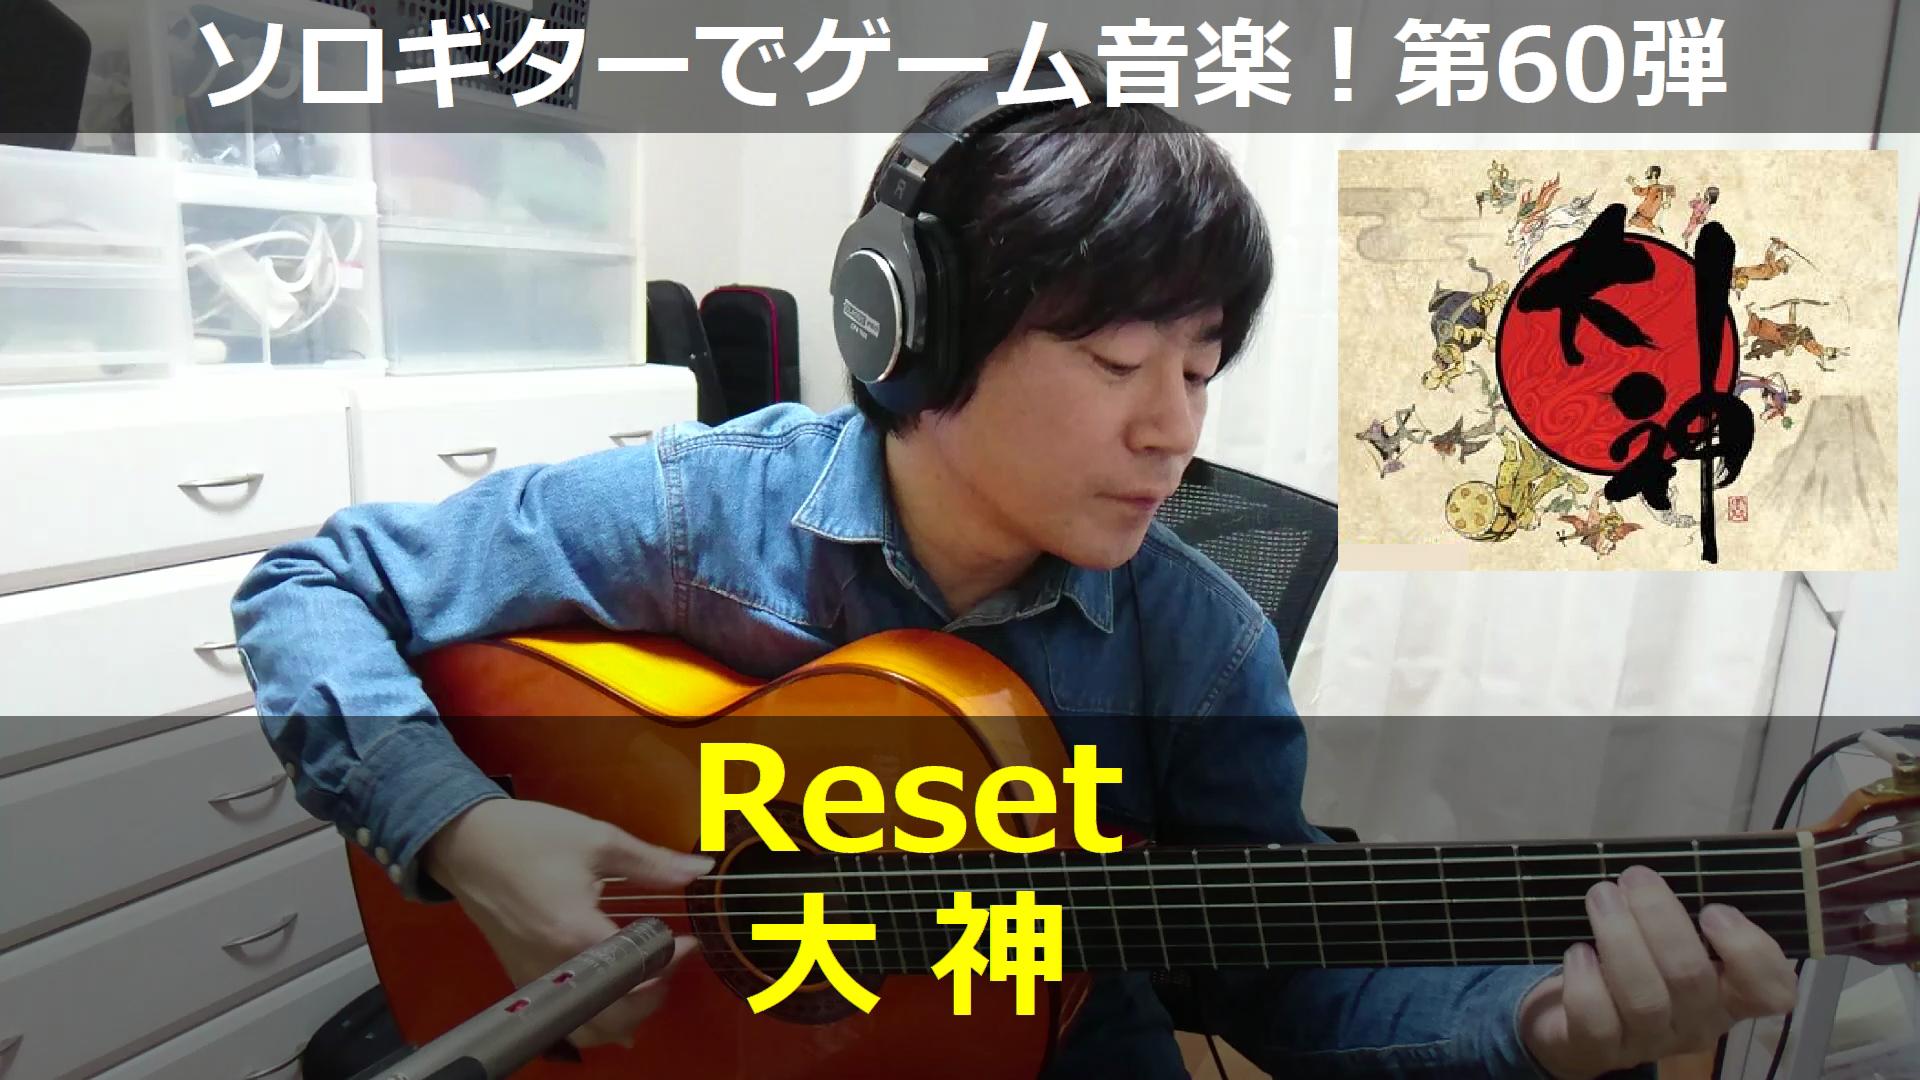 大神 Reset ギター演奏